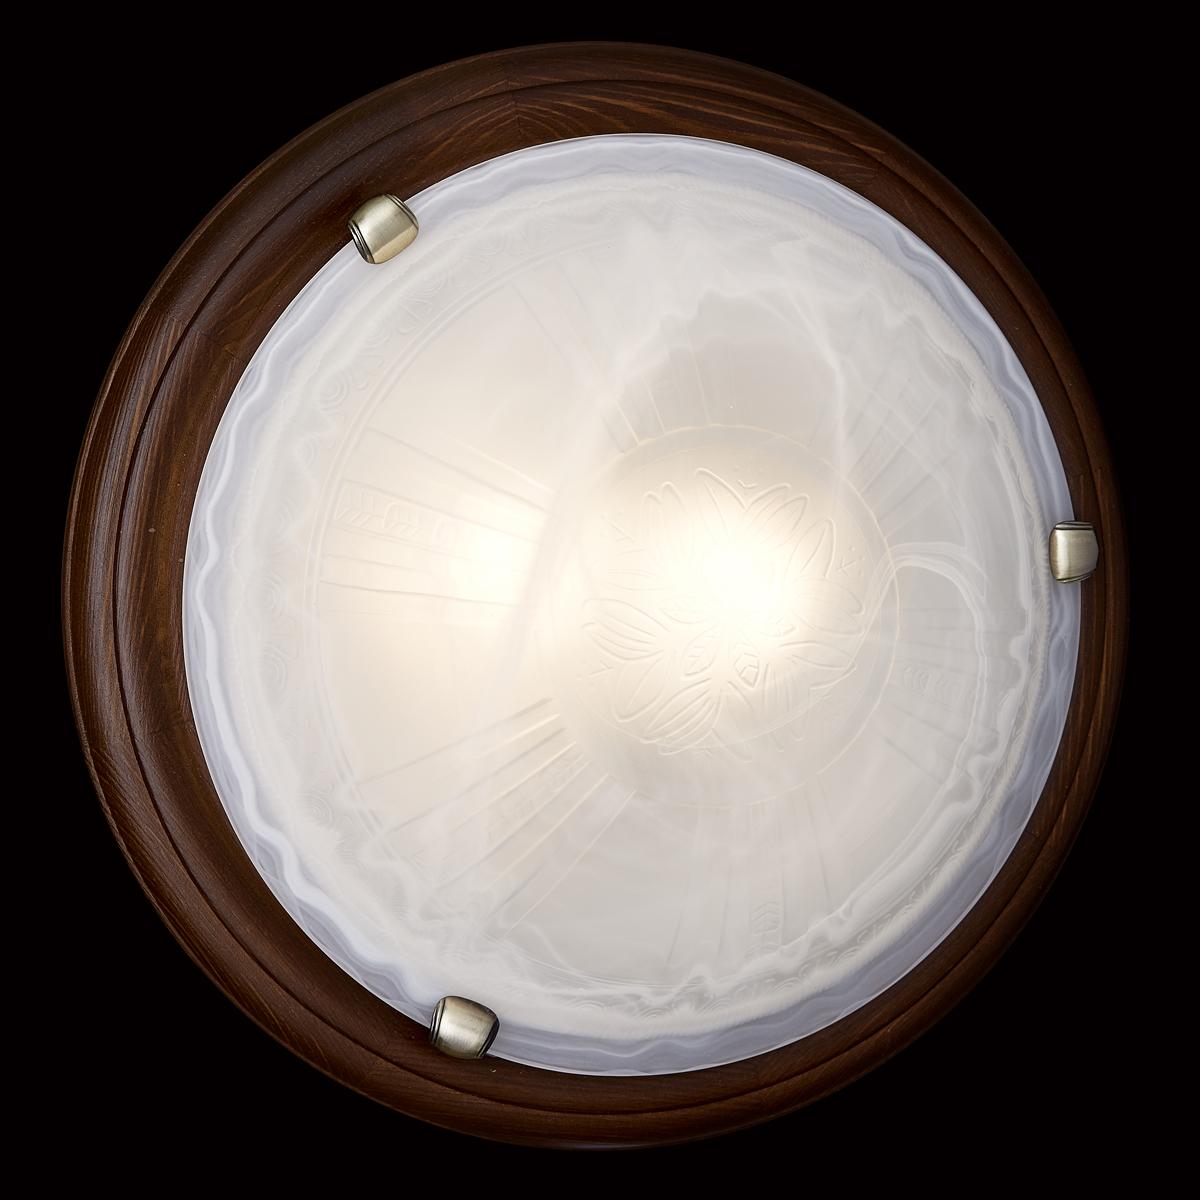 Потолочный светильник Sonex Lufe Wood 136/K - фото 6